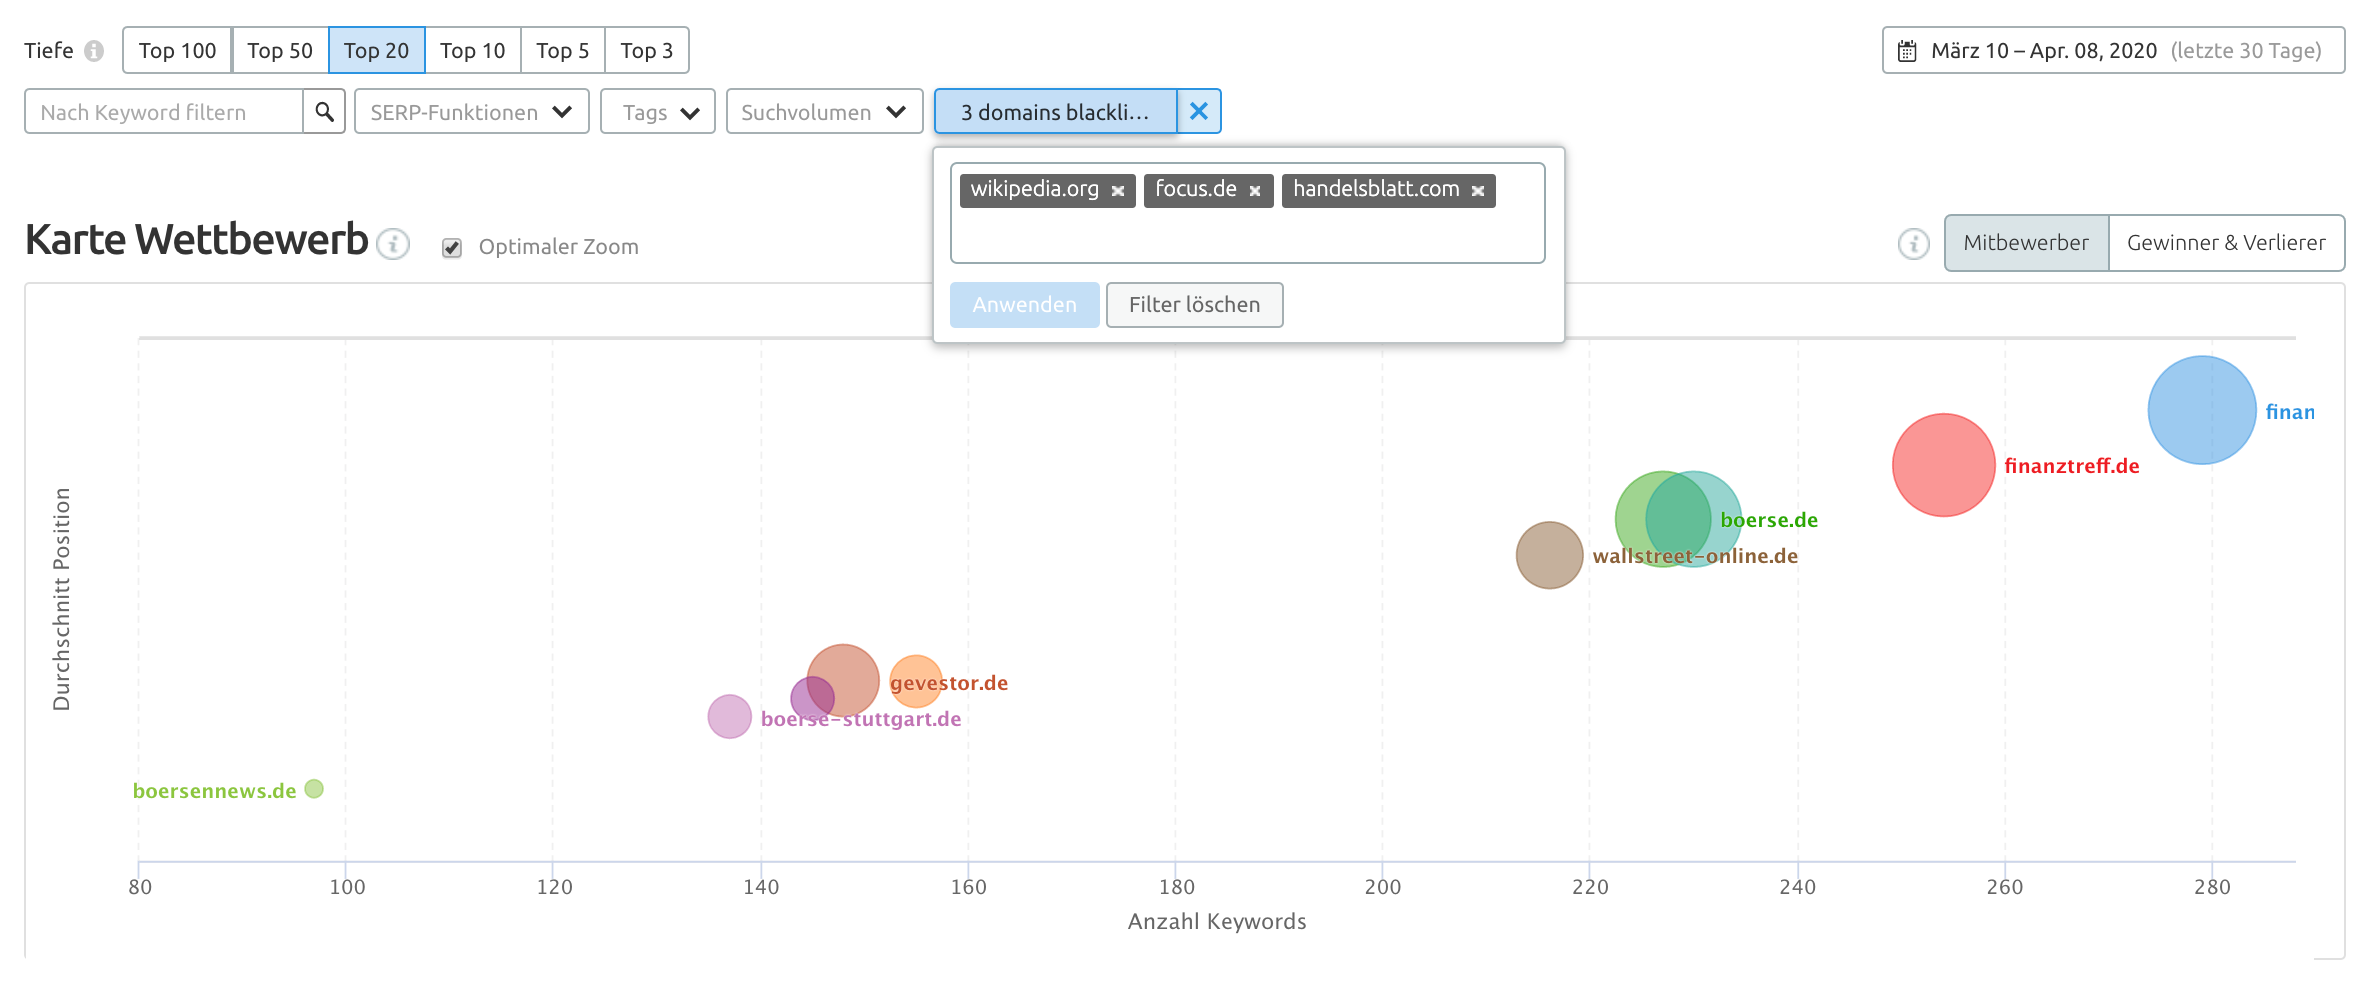 Website und Keyword Ranking abfragen, analysieren und überprüfen. Bild 2